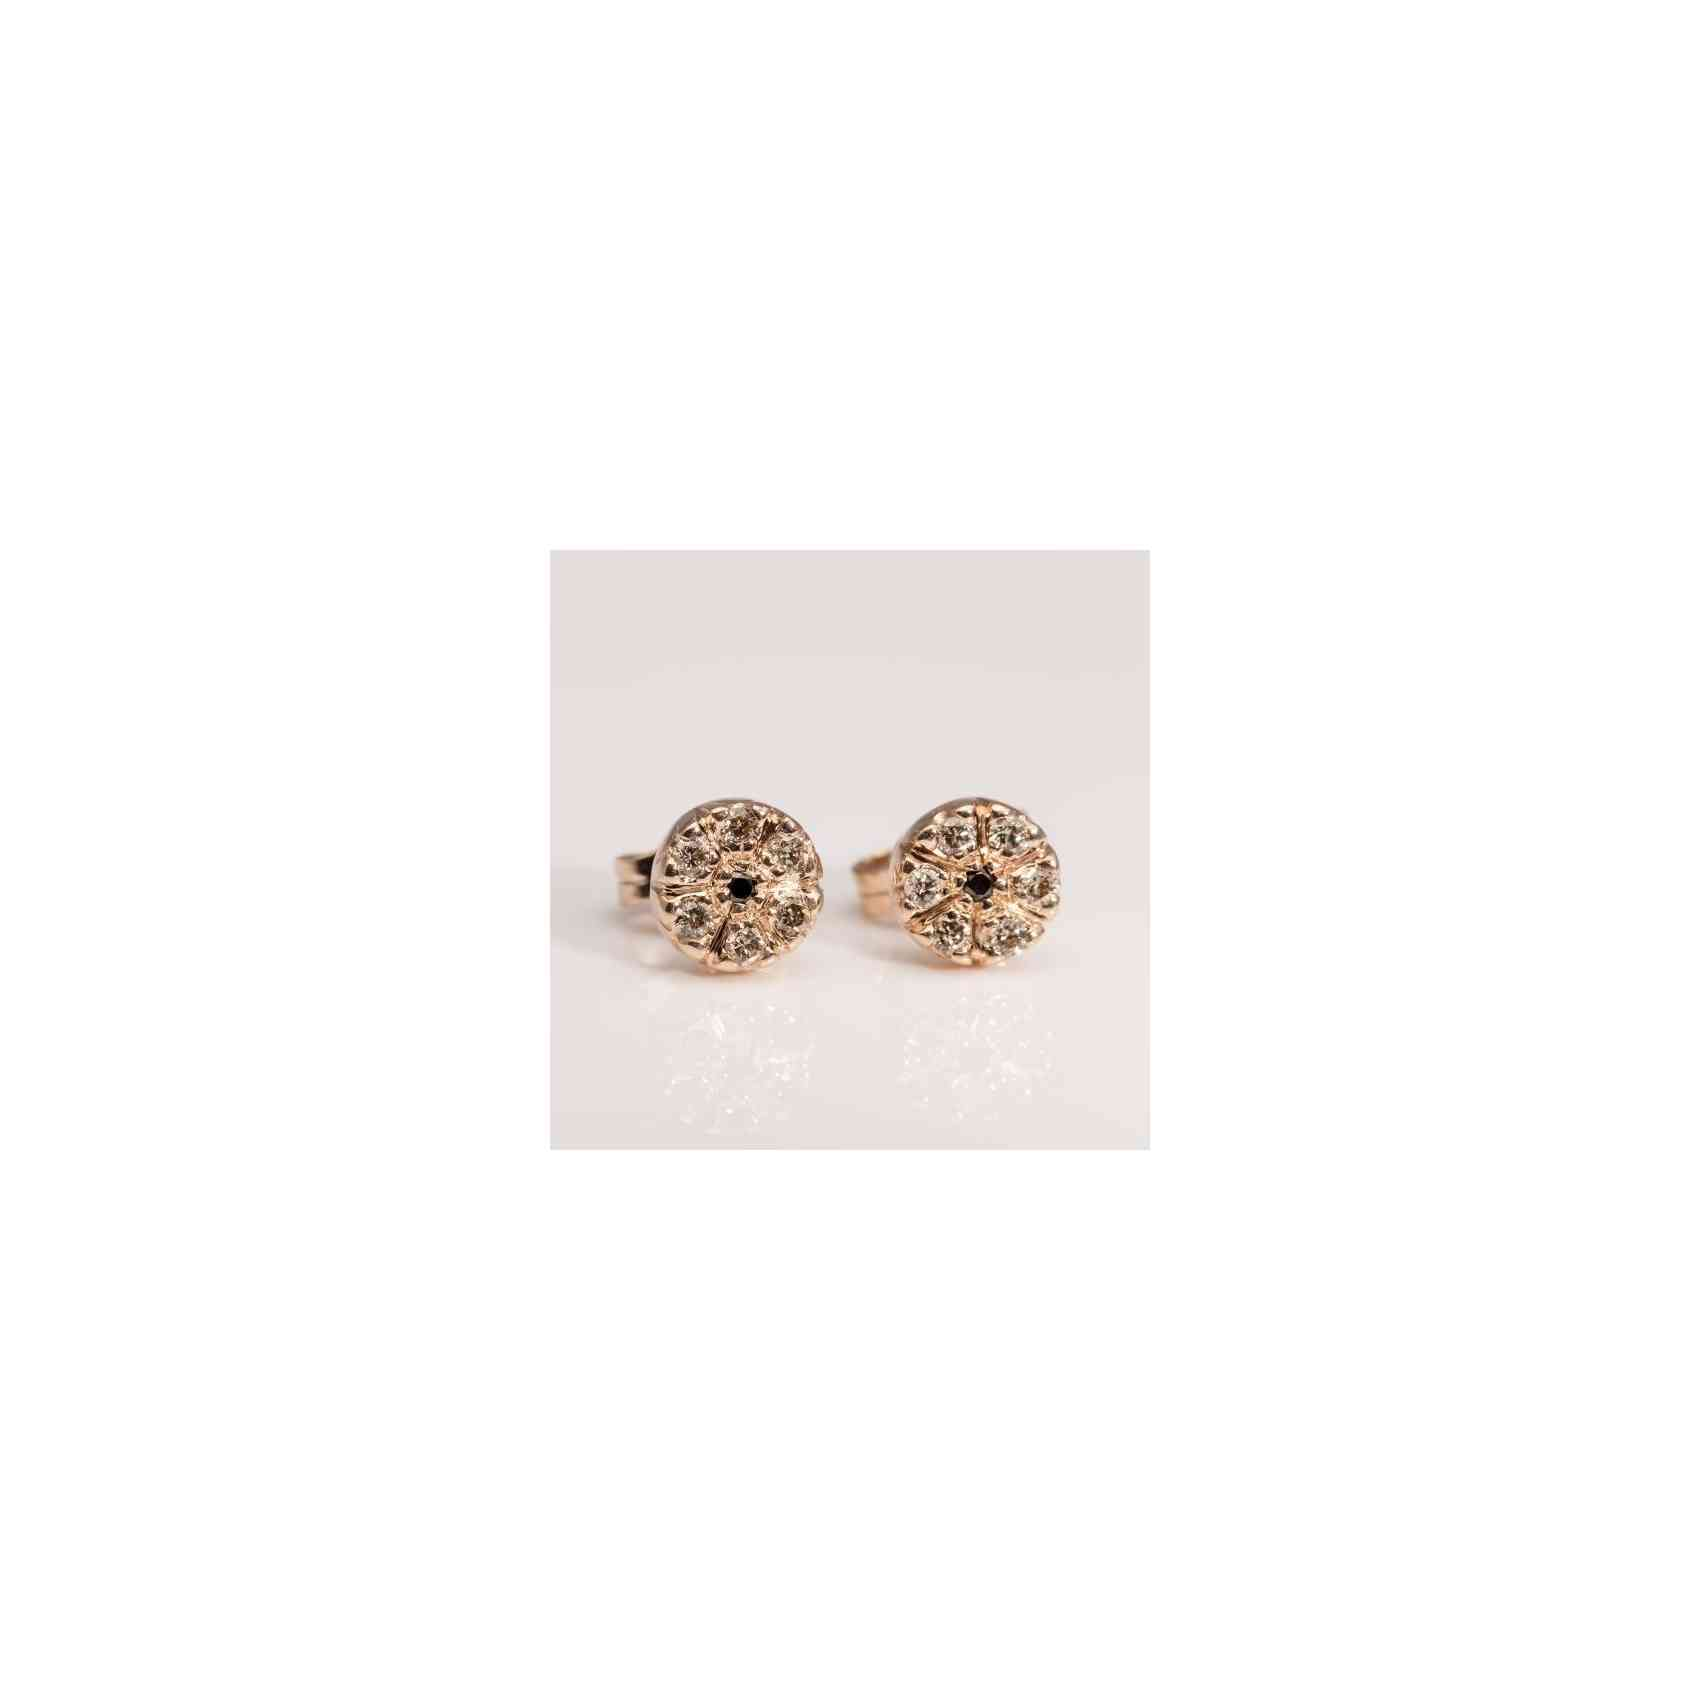 Cercei din Aur Roz 14k cu Diamante Negre și Aurii